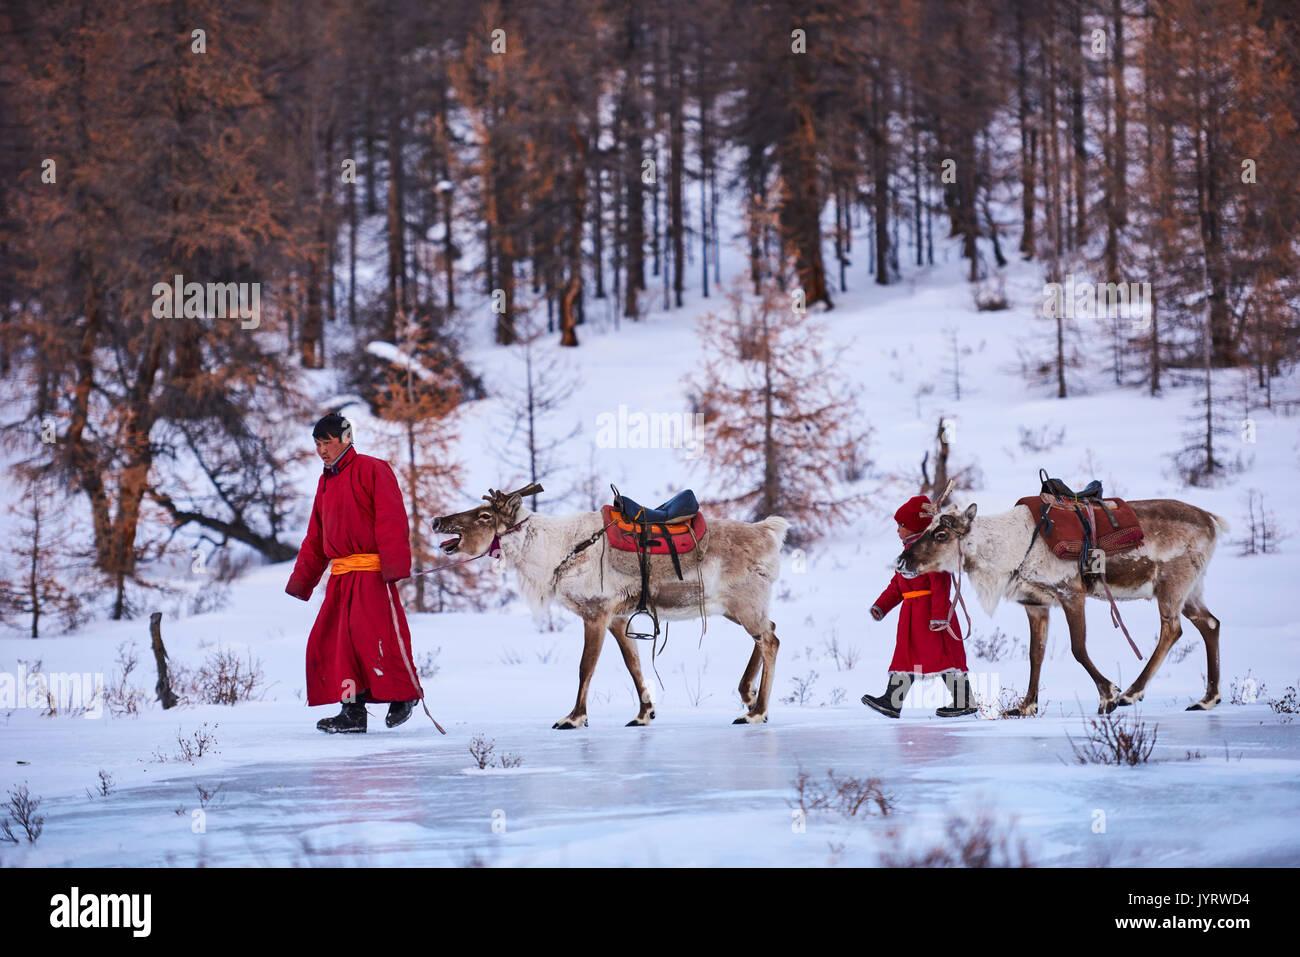 Mongolia, Khovsgol provincia, Tsaatan, renne herder, migrazione invernale, attraversando un fiume congelato Immagini Stock